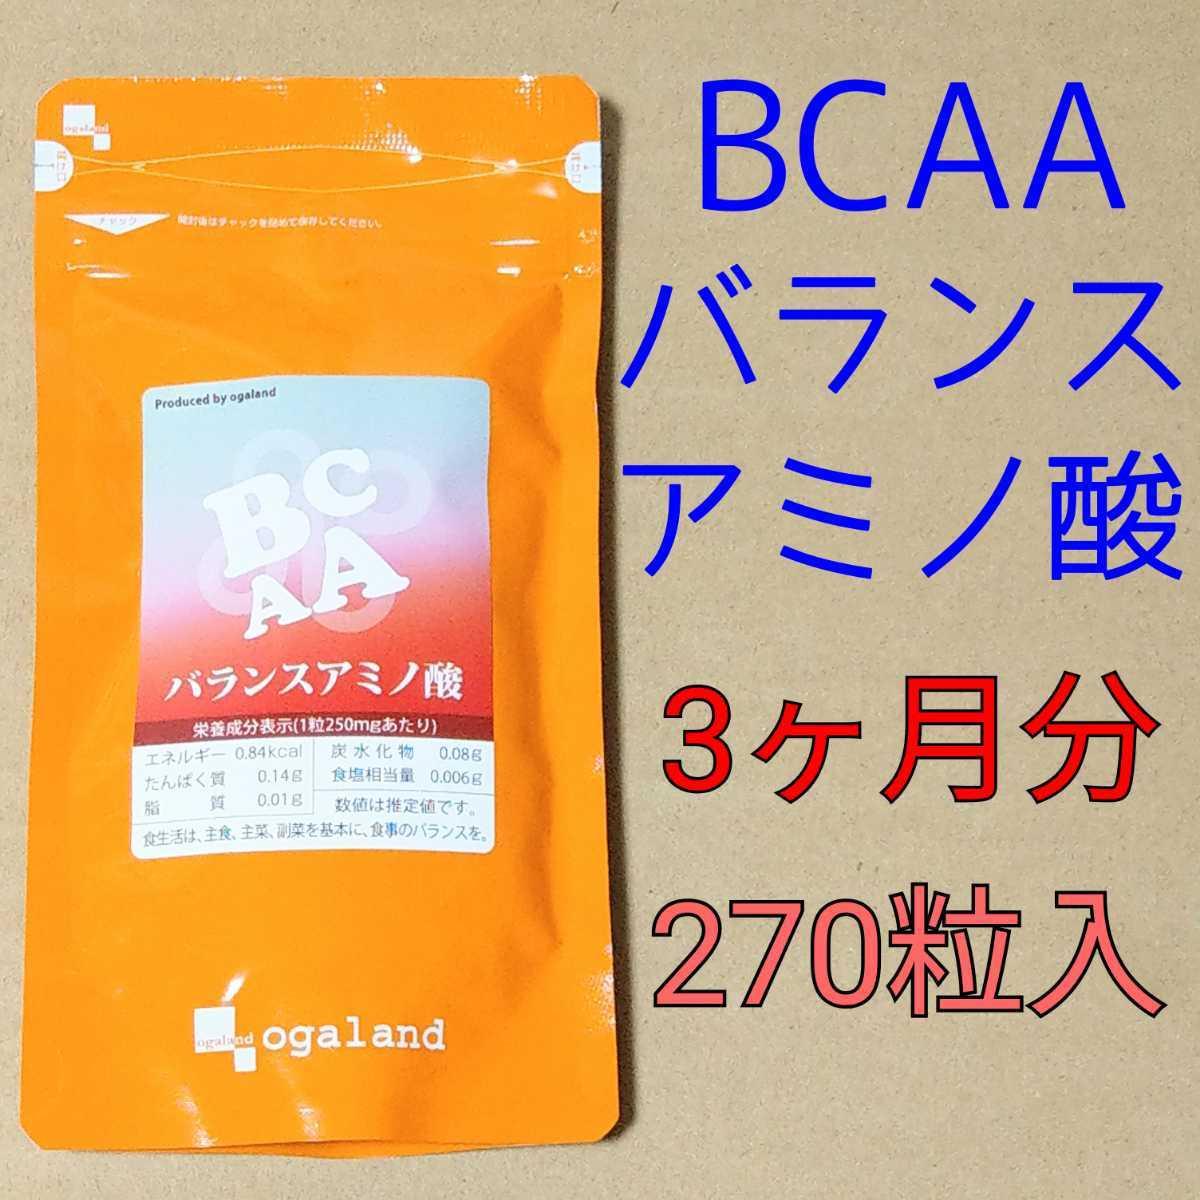 複数可★3ヶ月分★オーガランド BCAA 270粒★必須アミノ酸 L-バリン L-ロイシン L-イソロイシン L-リジン プロリン アルギニン 筋トレ EAA_画像1